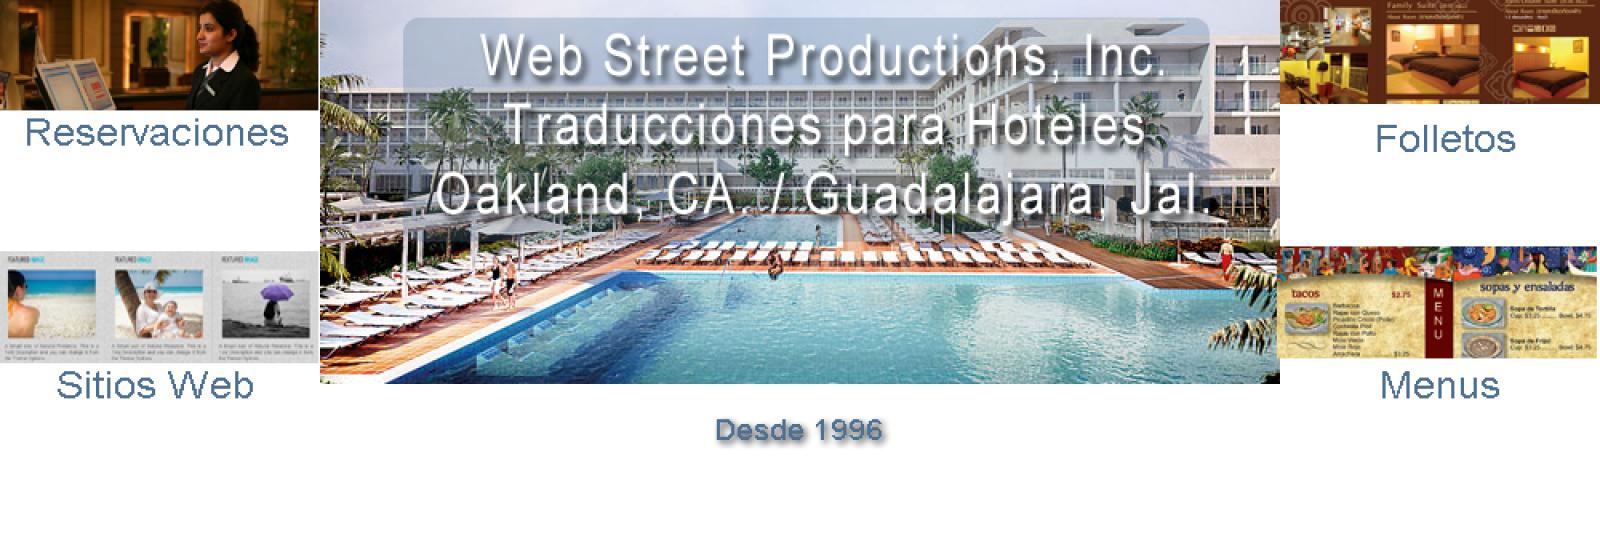 hotel-traducciones